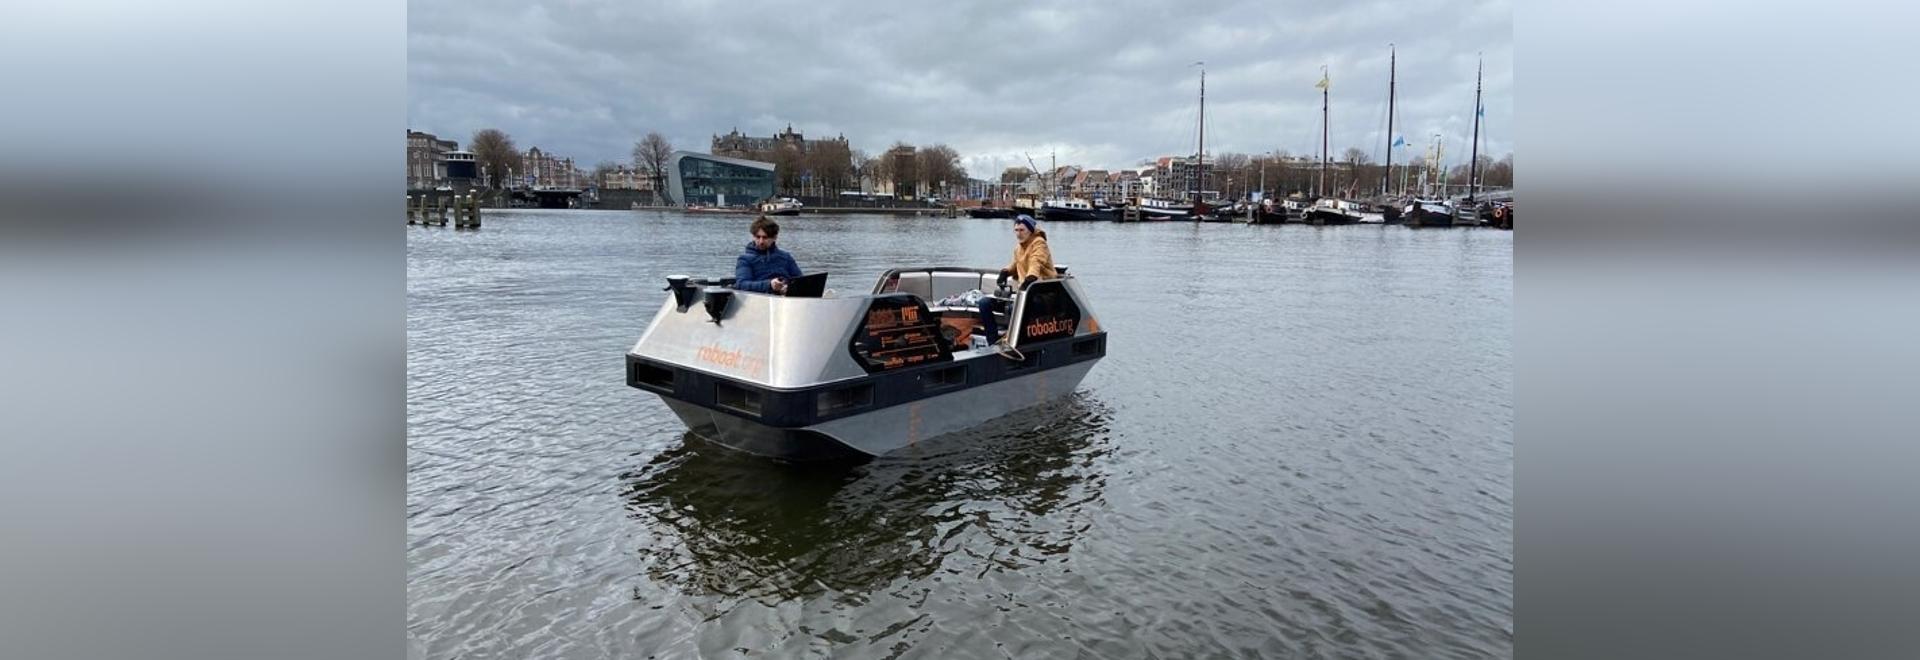 """Selbstfahrende Elektroboote"""" sollen auf Amsterdamer Grachten getestet werden"""